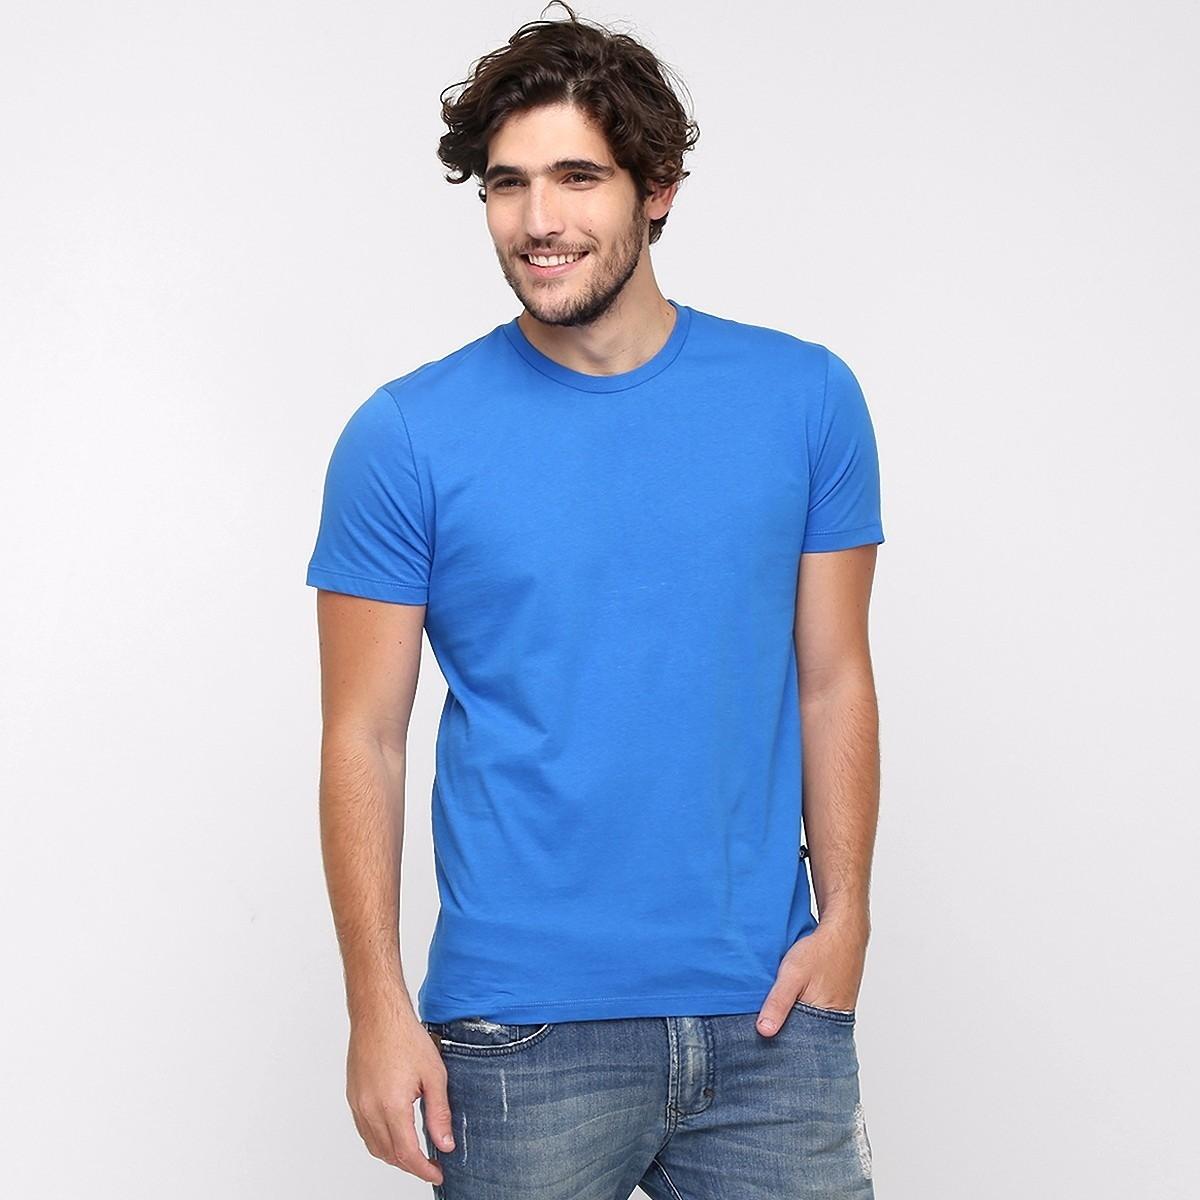 d26fefca5a Camiseta 100% Algodão Sem Estampa Fio 30.1 Lisa Azul Royal no Elo7 ...